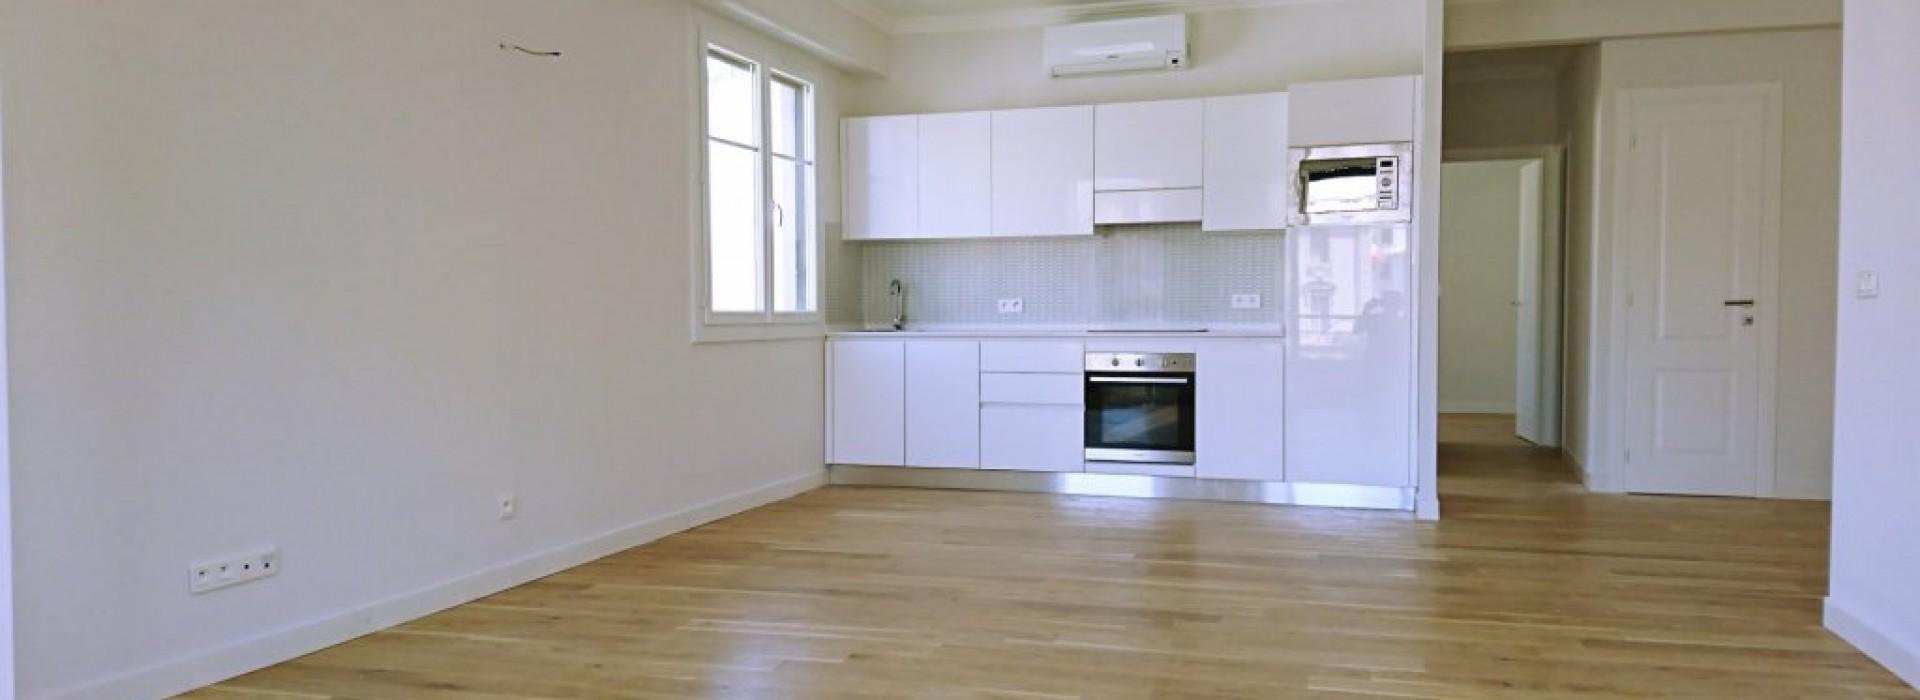 Appartement Nice 3 Pièces 70m2 595,000€